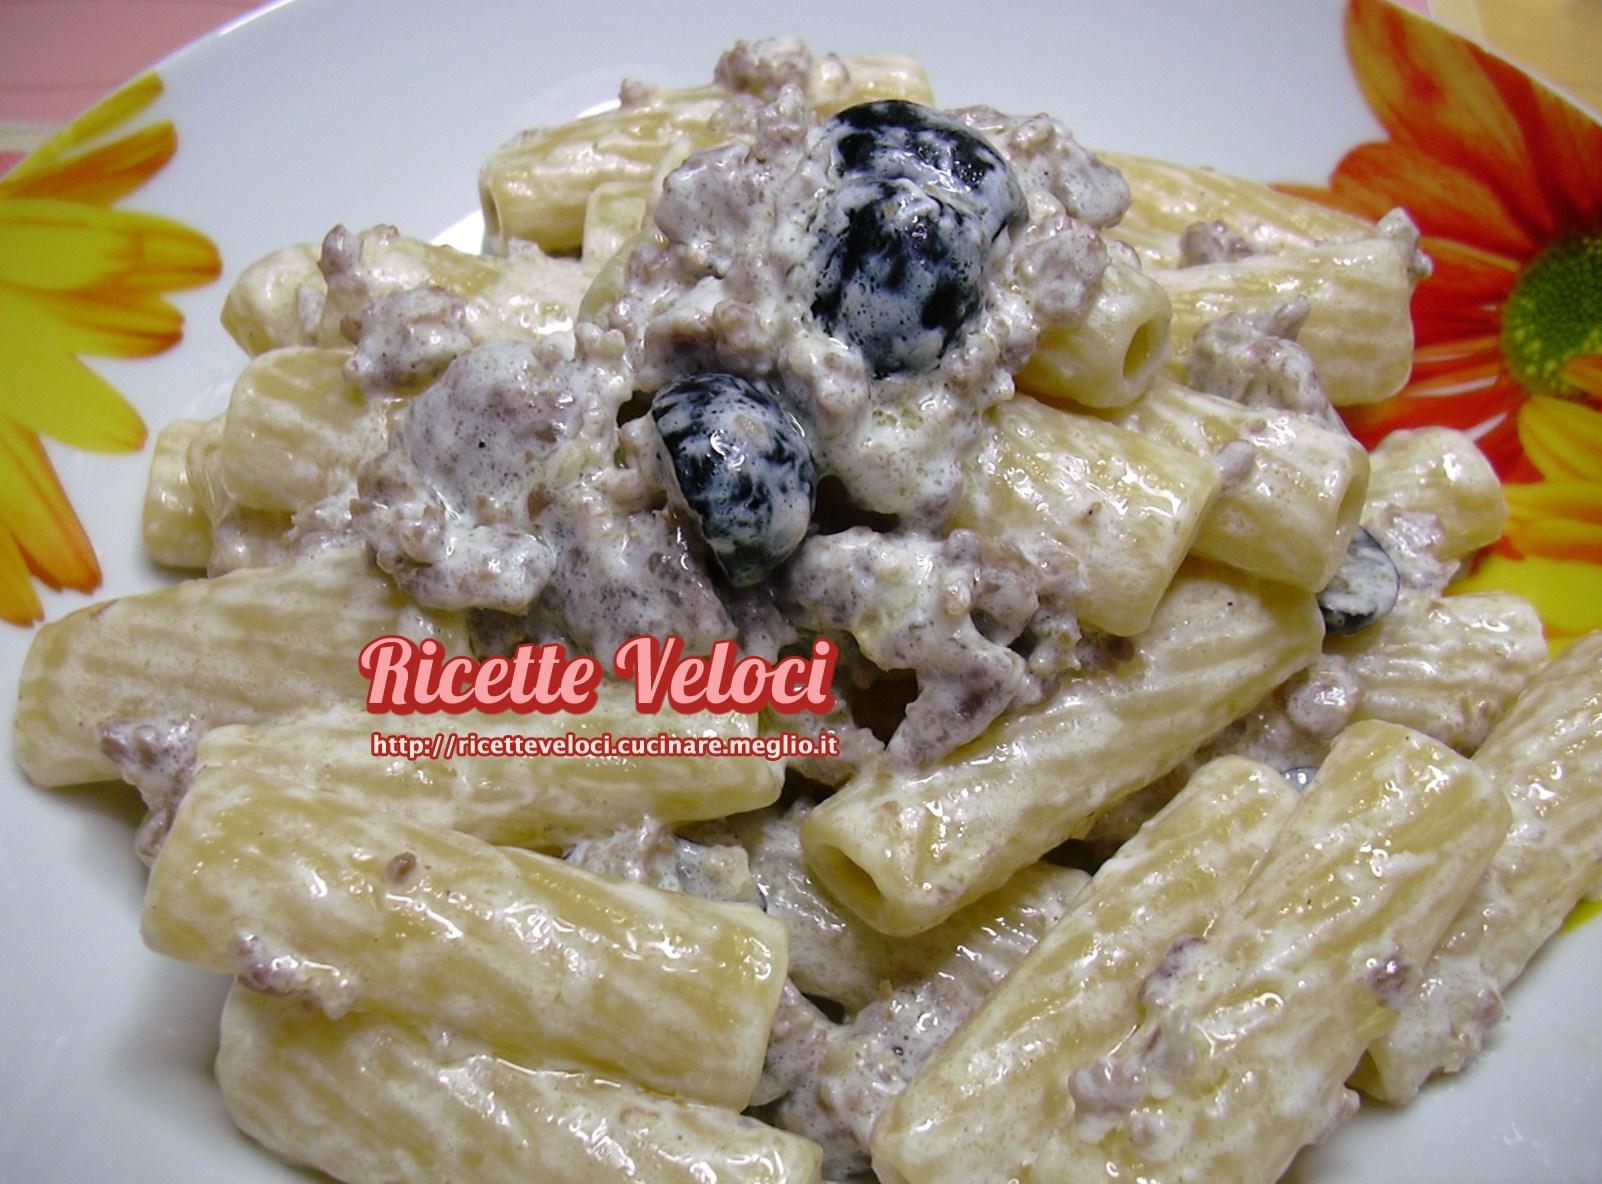 Tortiglioni con salsiccia olive e panna ricette veloci for Ricette veloci da cucinare